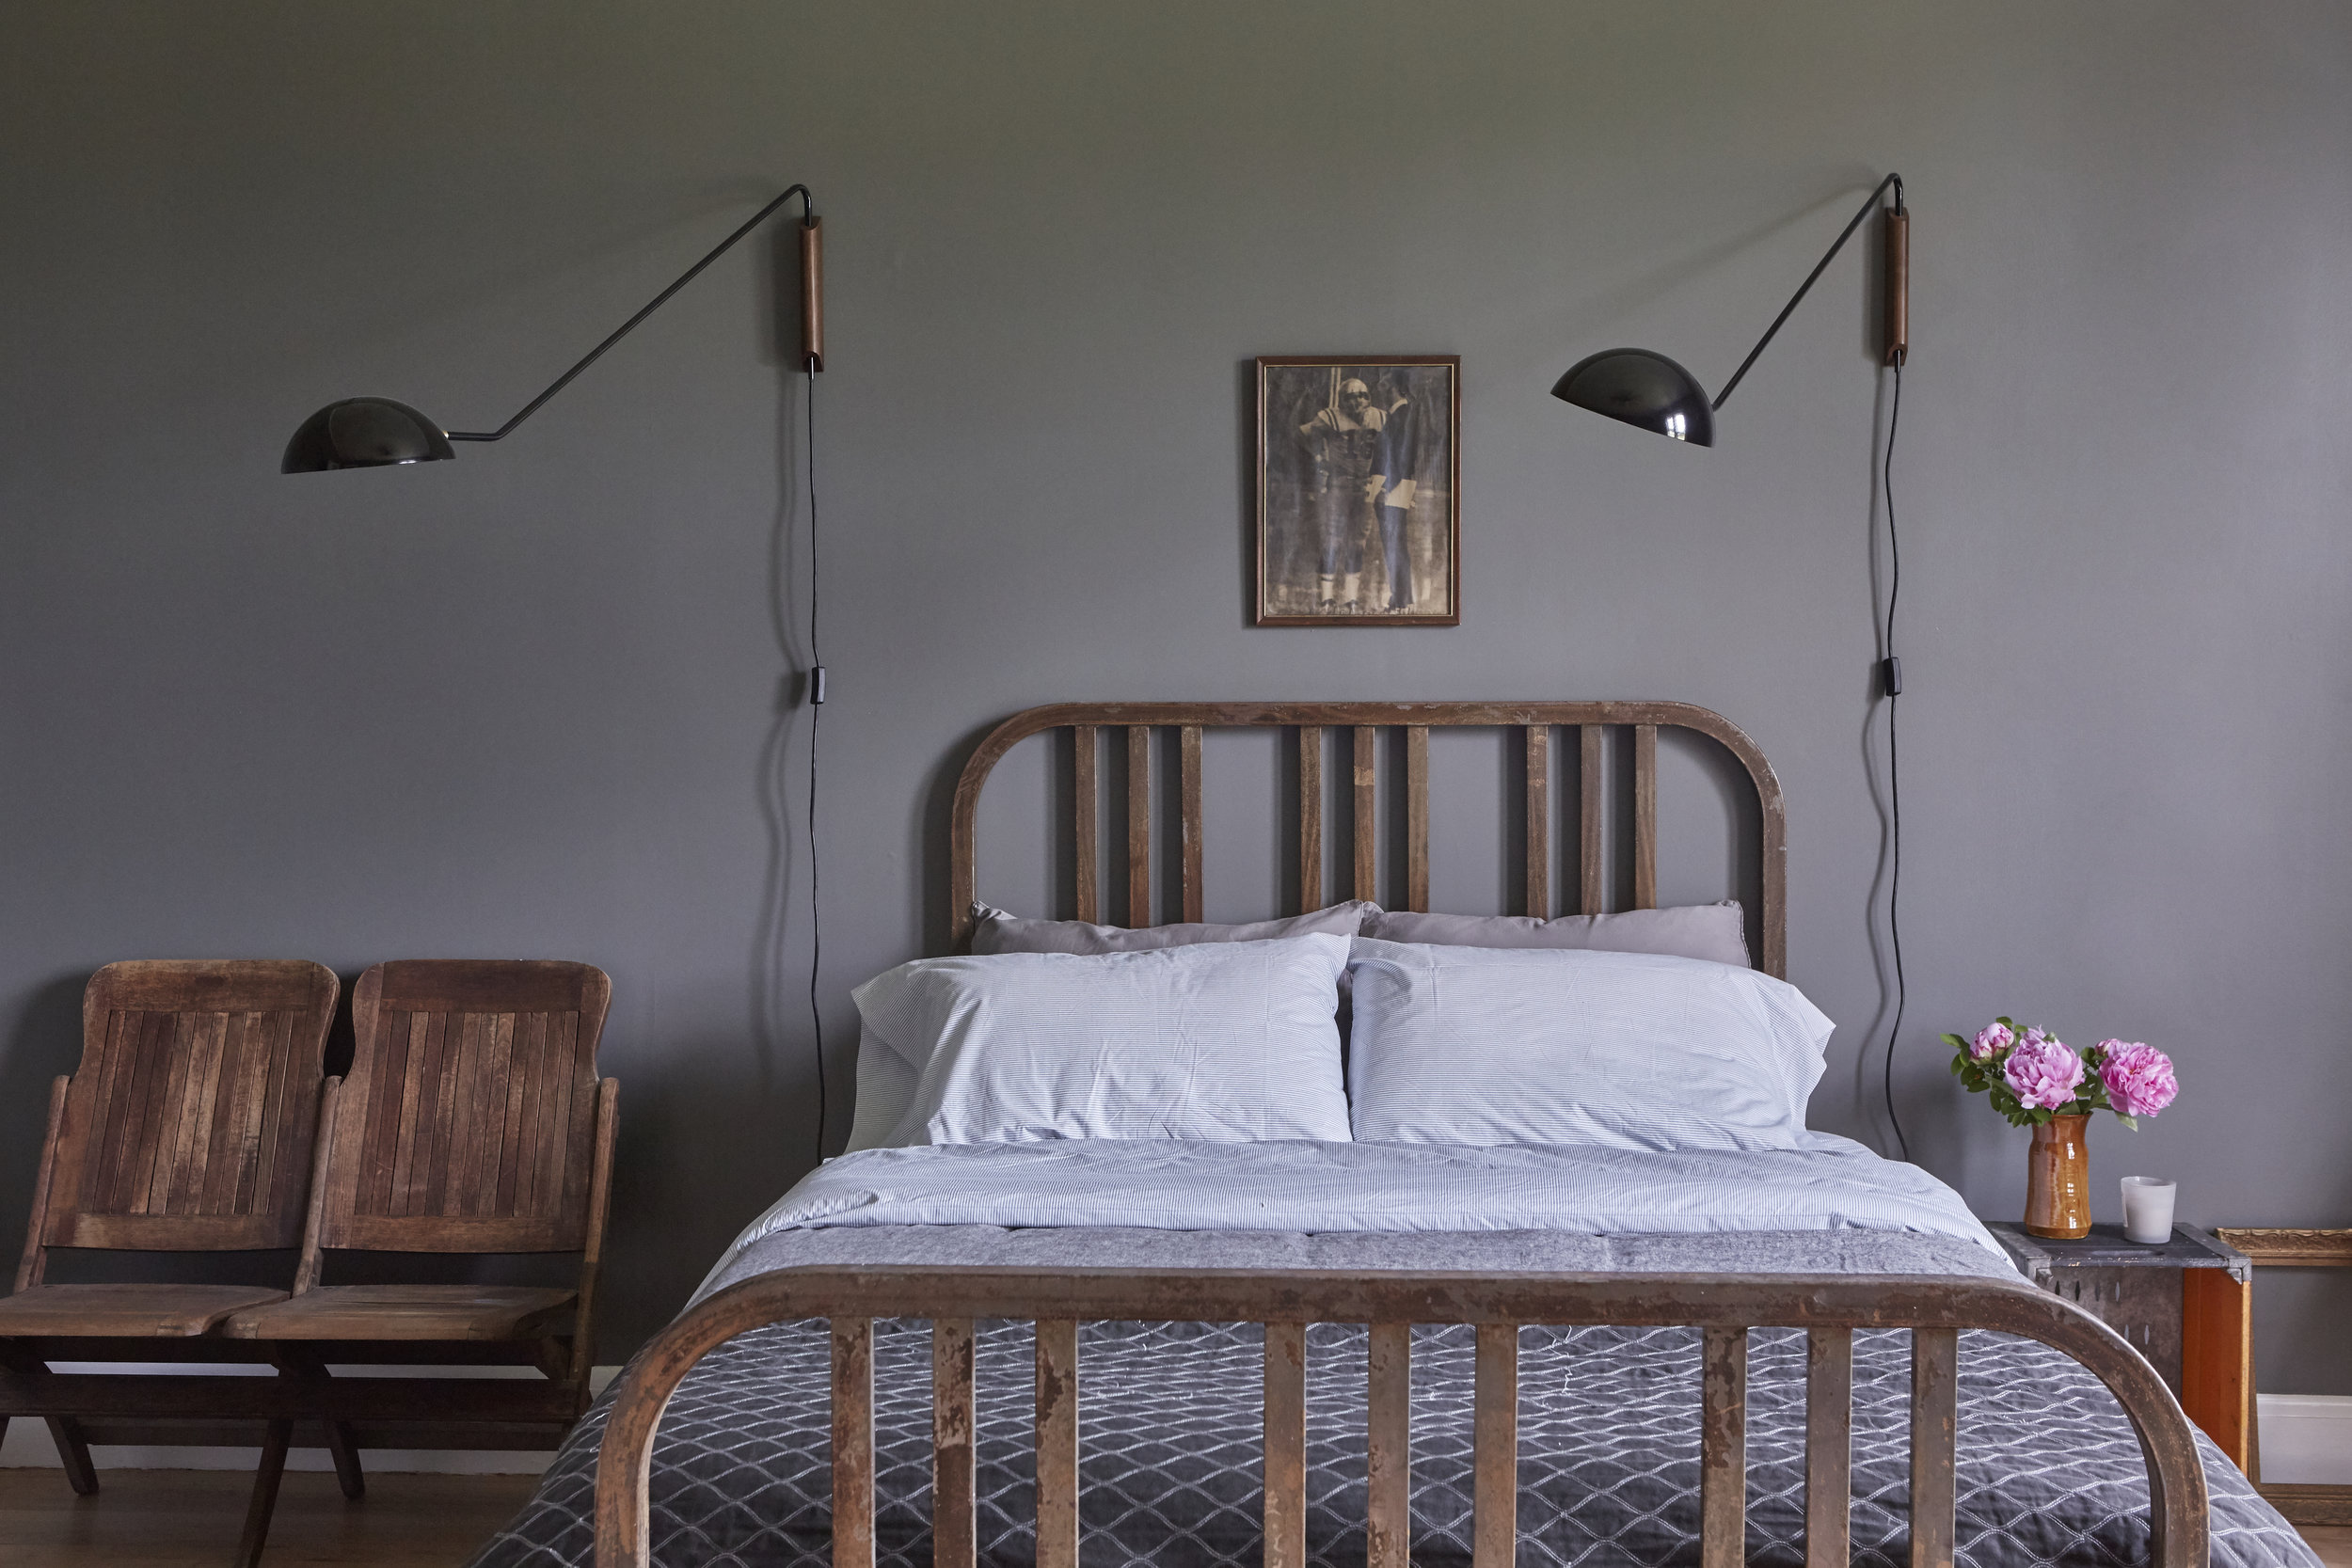 Modern Rustic Room